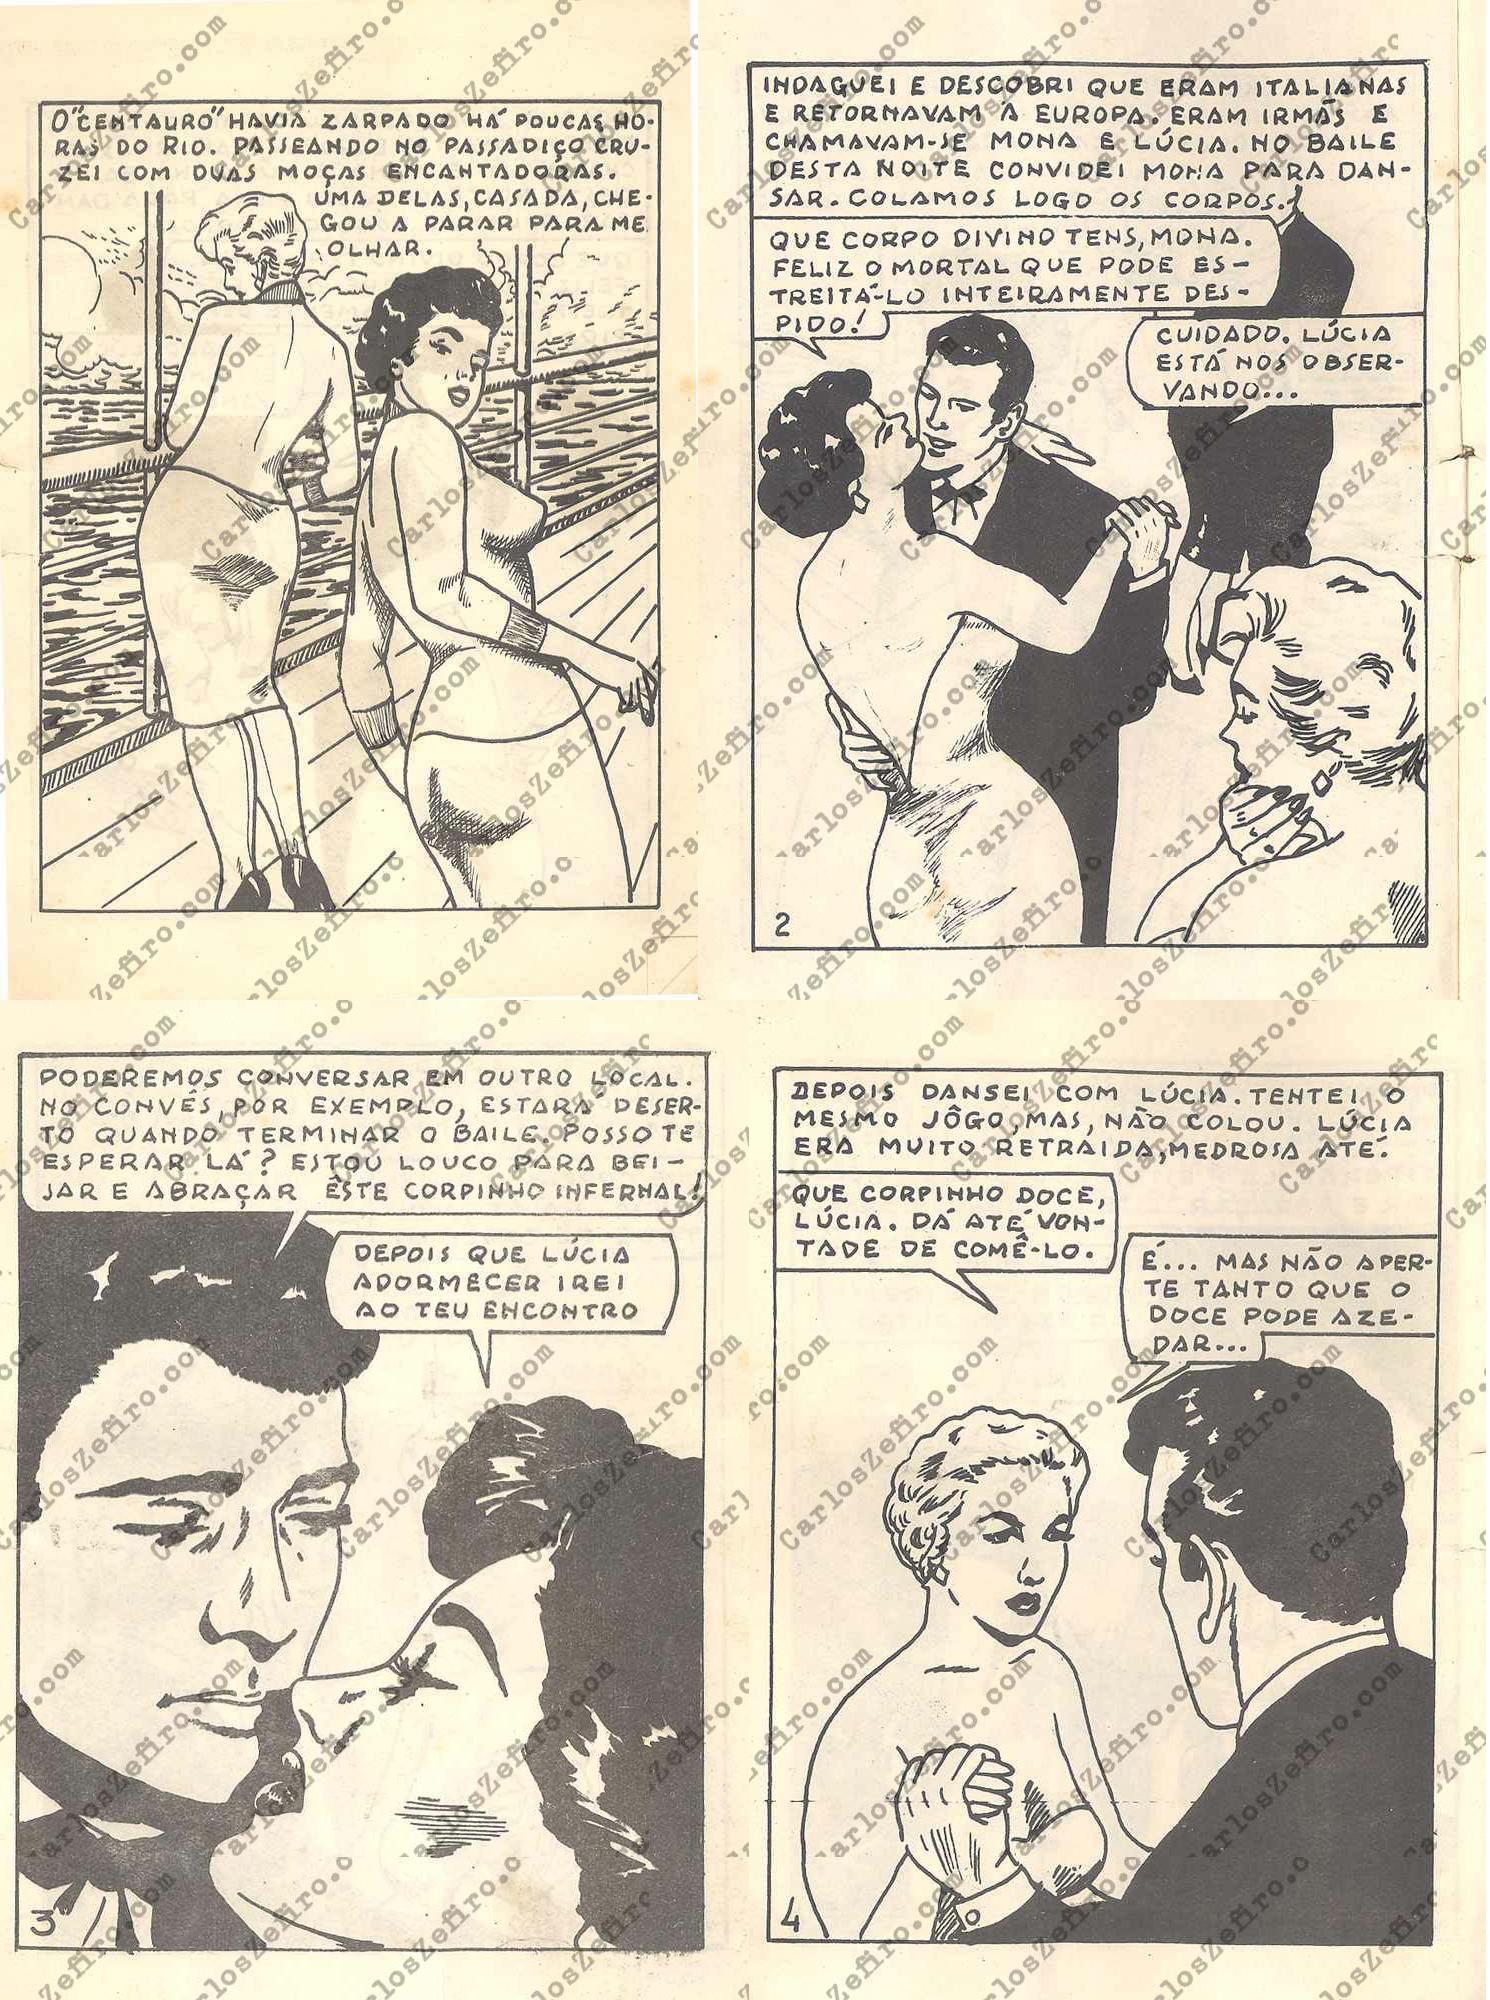 Quadrinhos Pornograficos 88